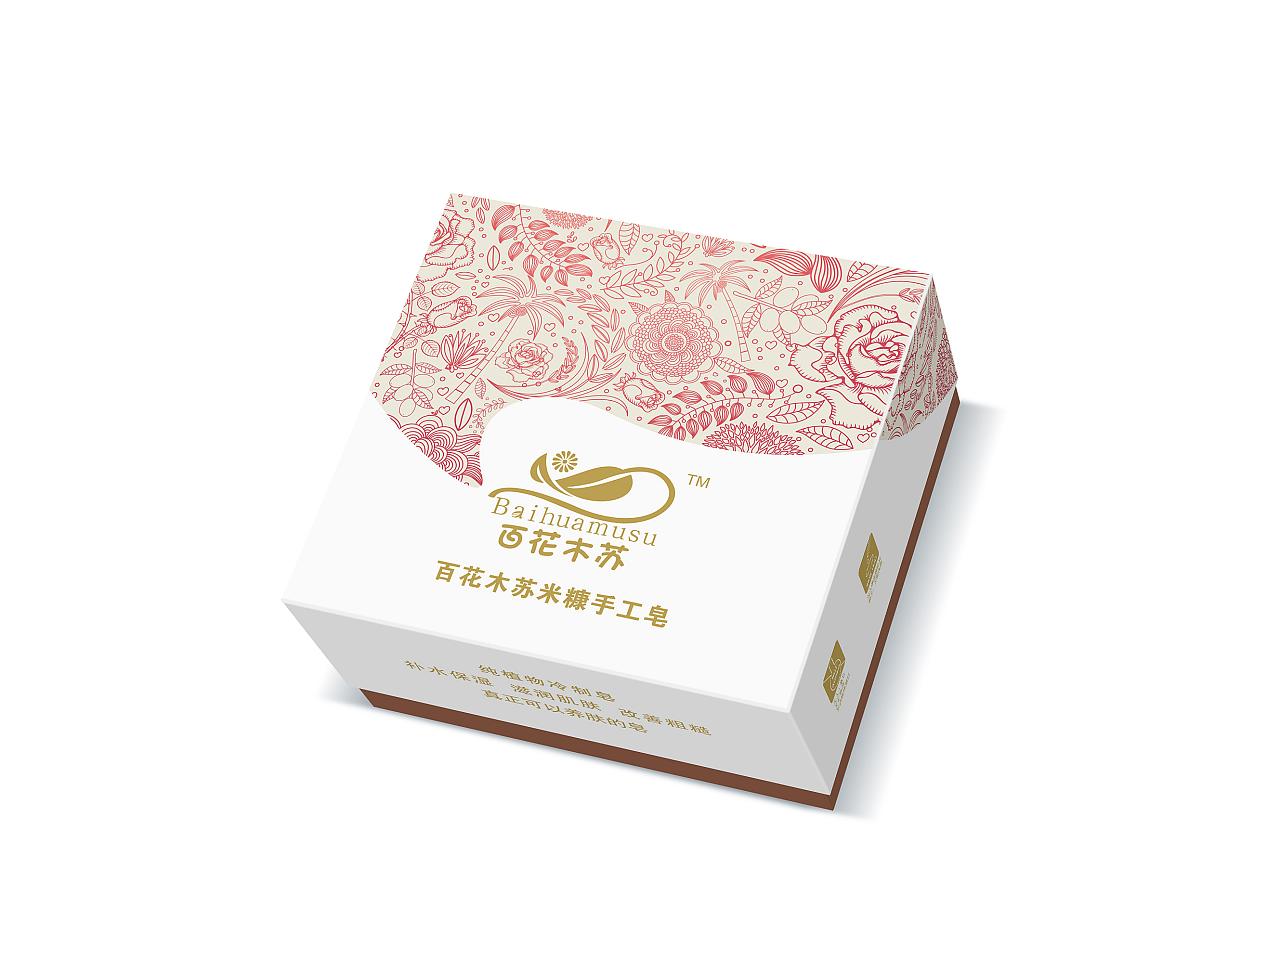 肥皂设计图-香皂包装设计赏析